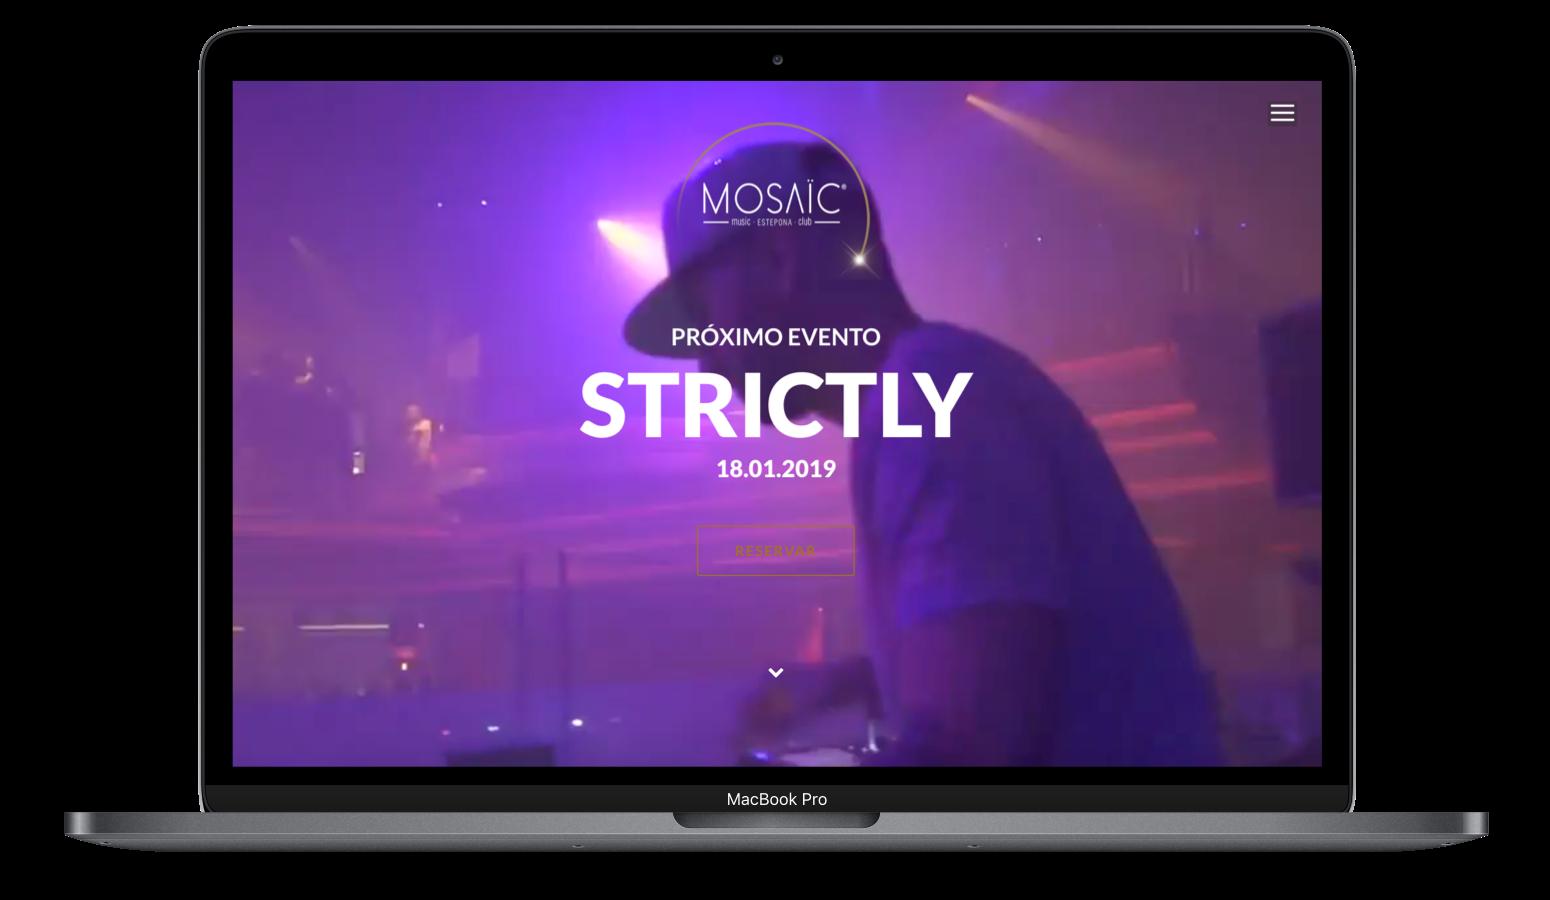 Mac Book Pro con la presentación de la web de Mosaic Music Club